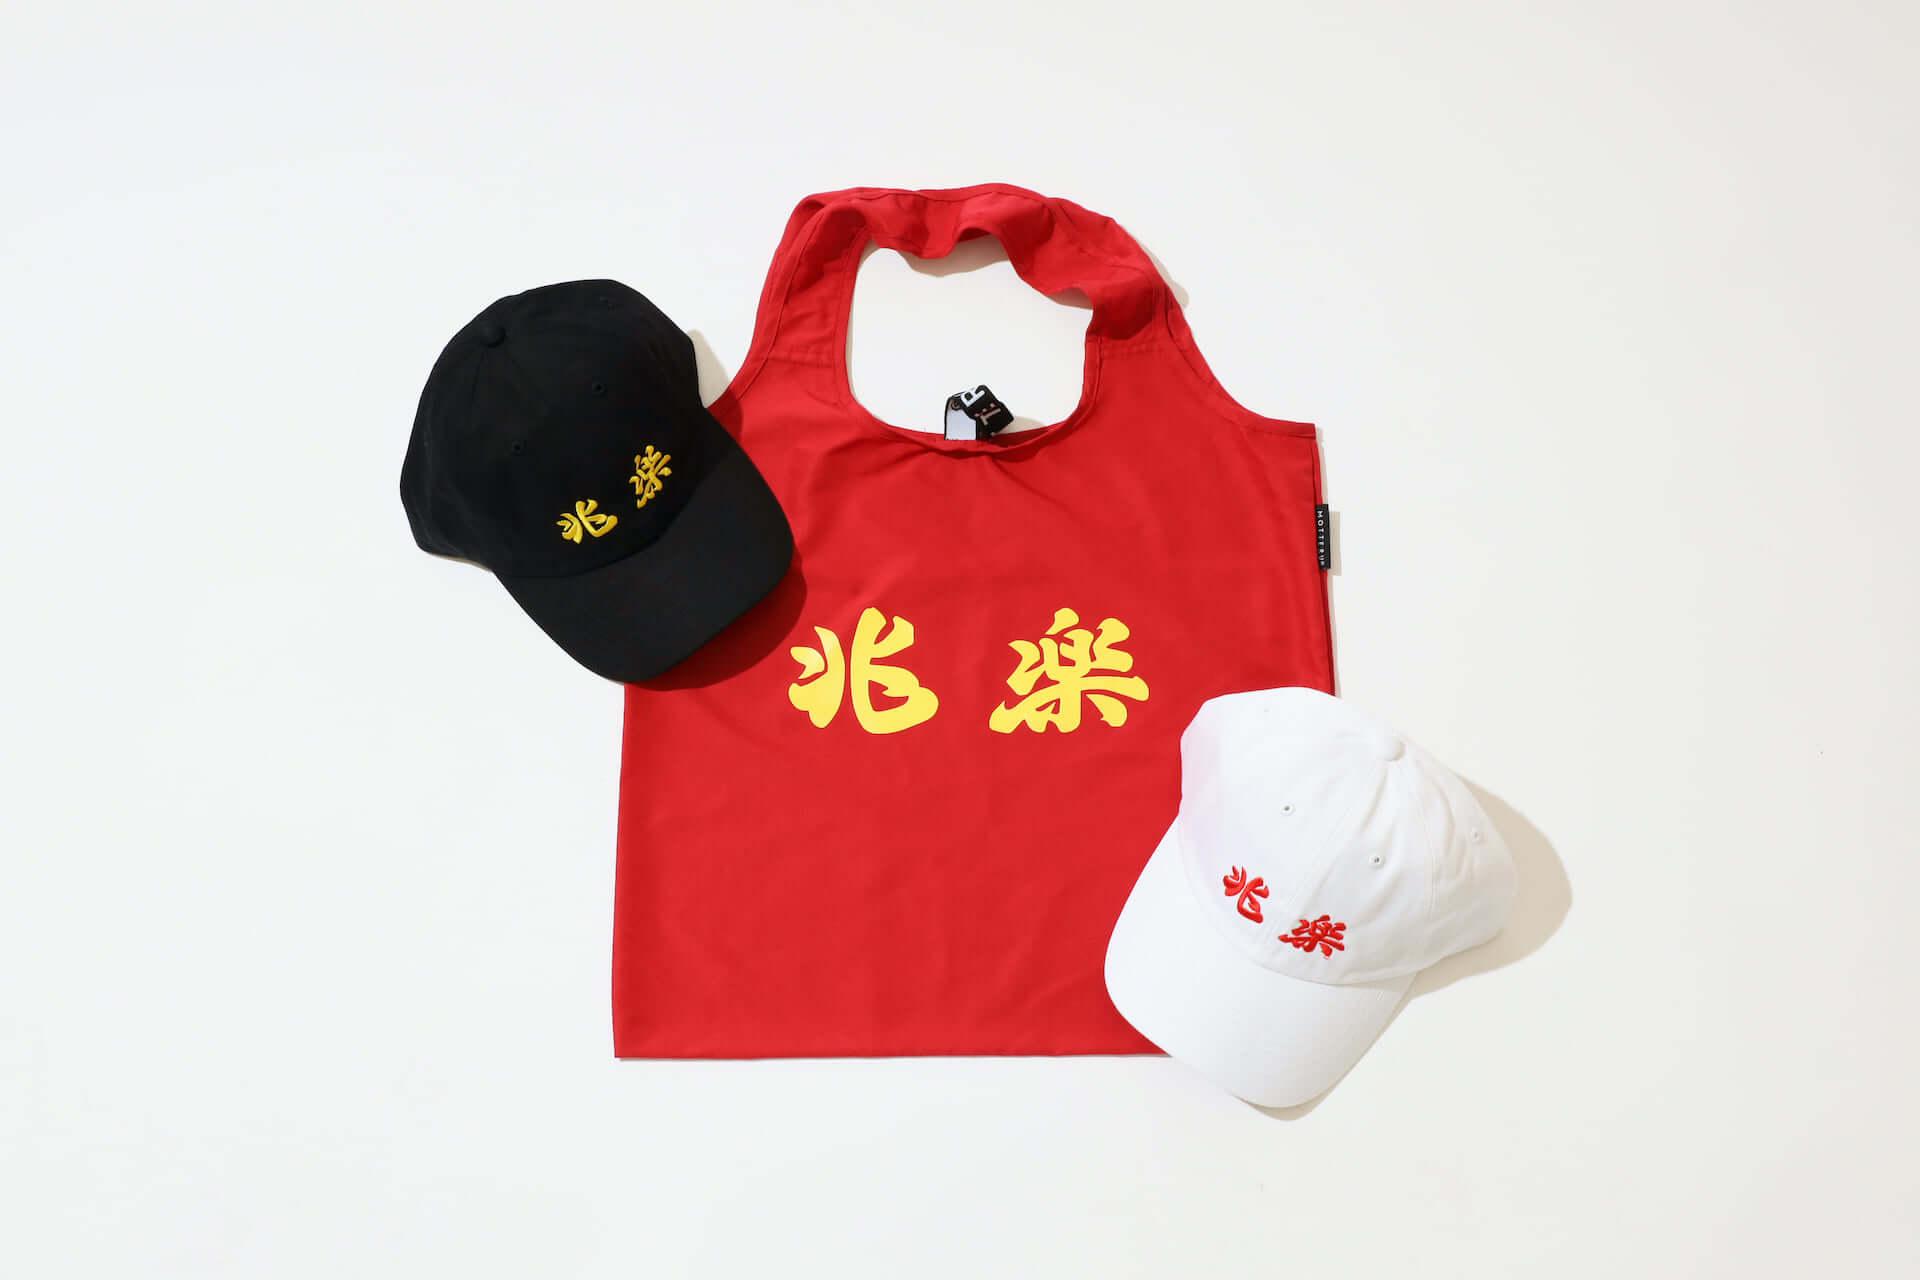 渋谷の街中華・兆楽とJOURNAL STANDARDがコラボ!Tシャツやキャップ、エコバッグが受注販売開始 lf210205_choraku-journalstandard_4-1920x1280